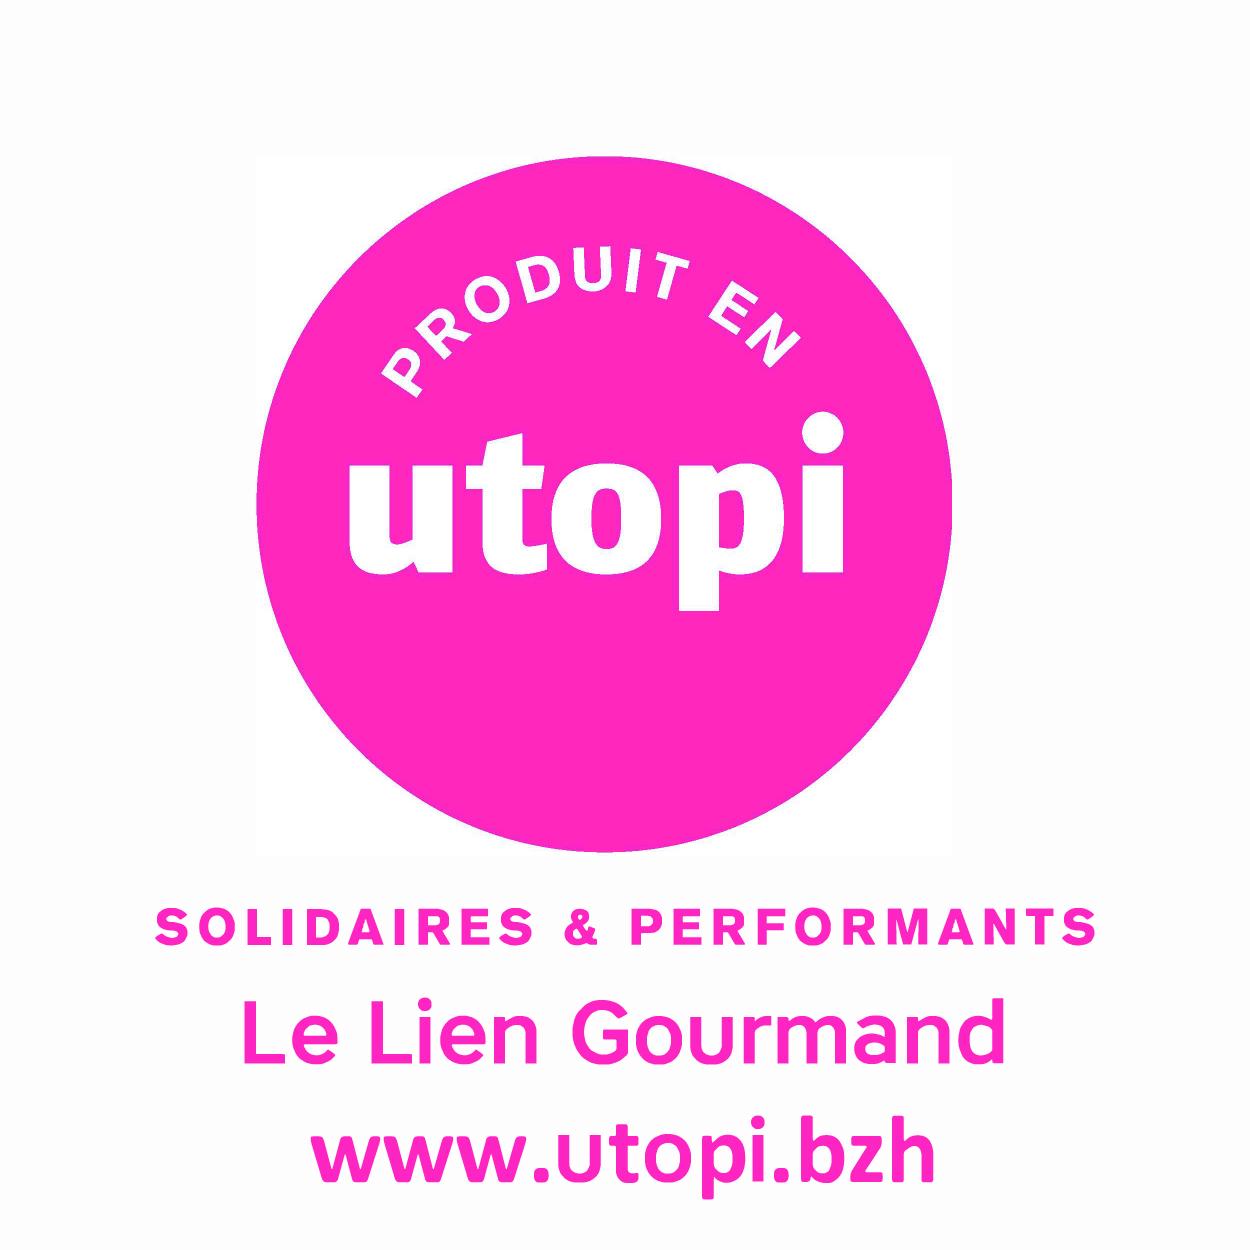 utopi_logos_lien-gourmand